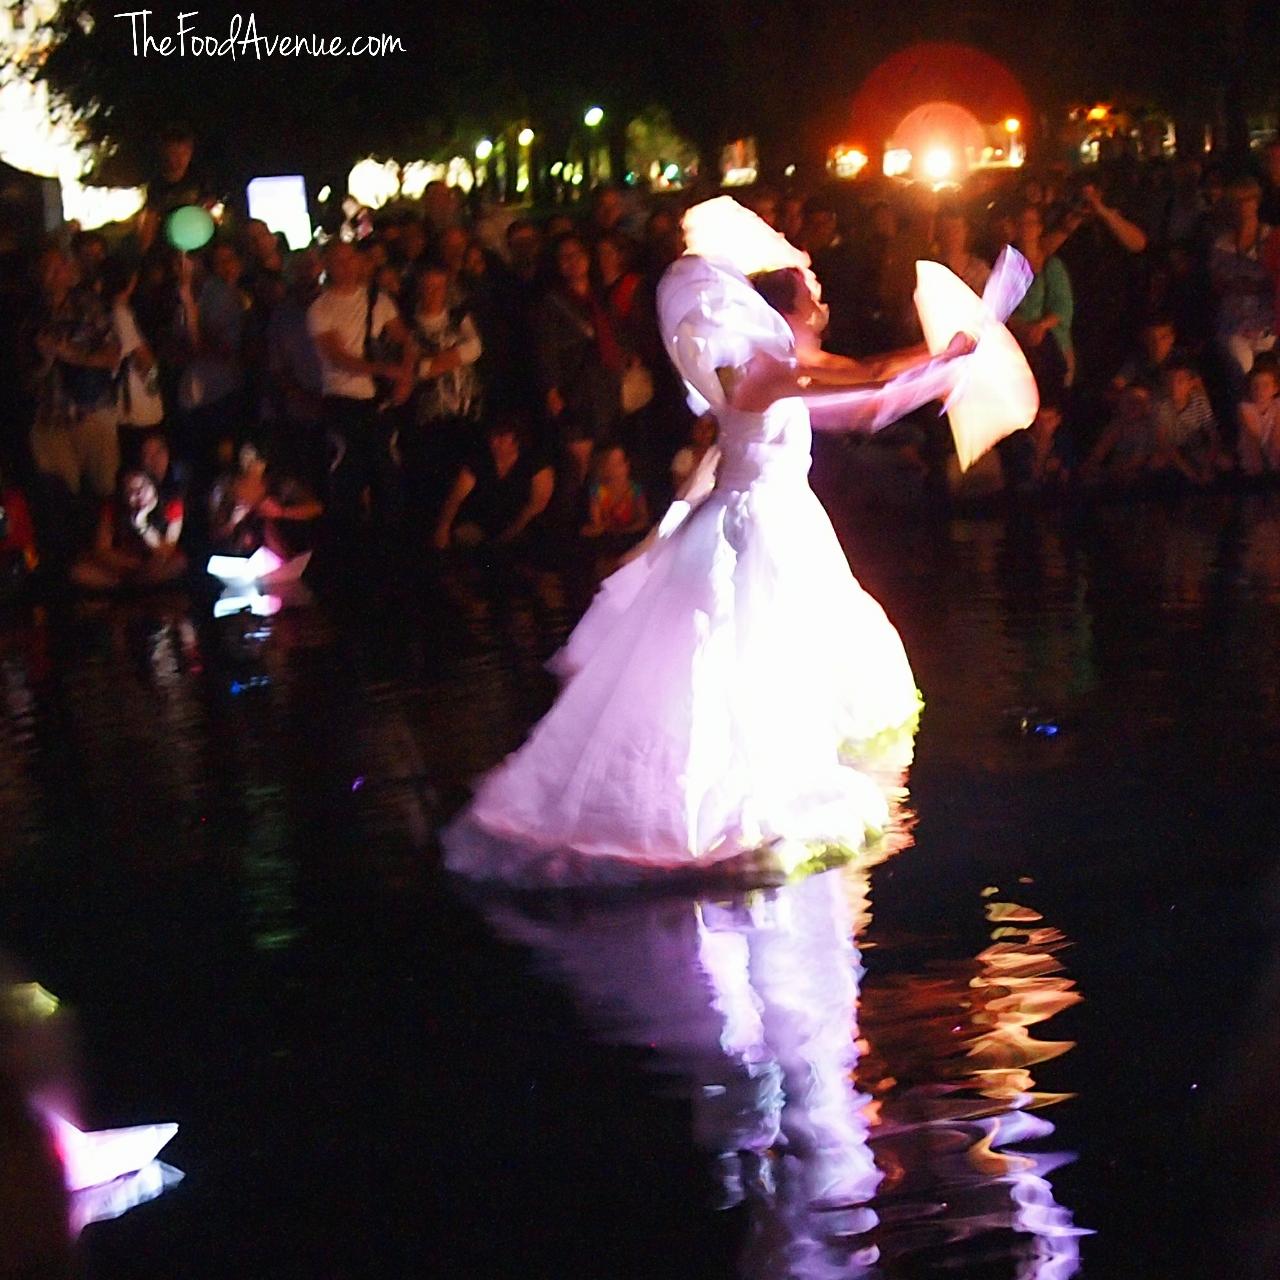 Floating lady